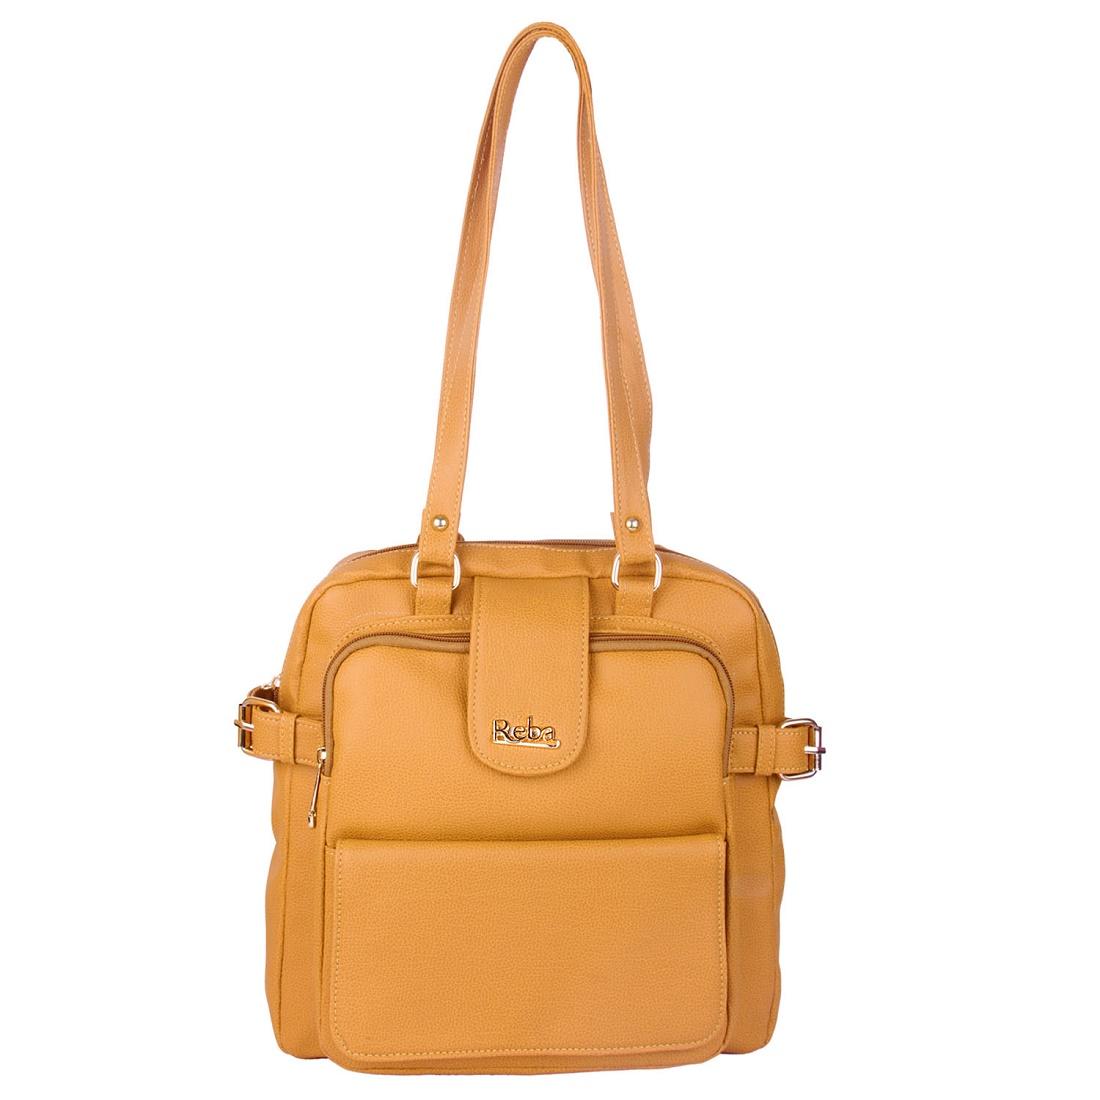 Reba beautiful backpack bag for women   L BROWN